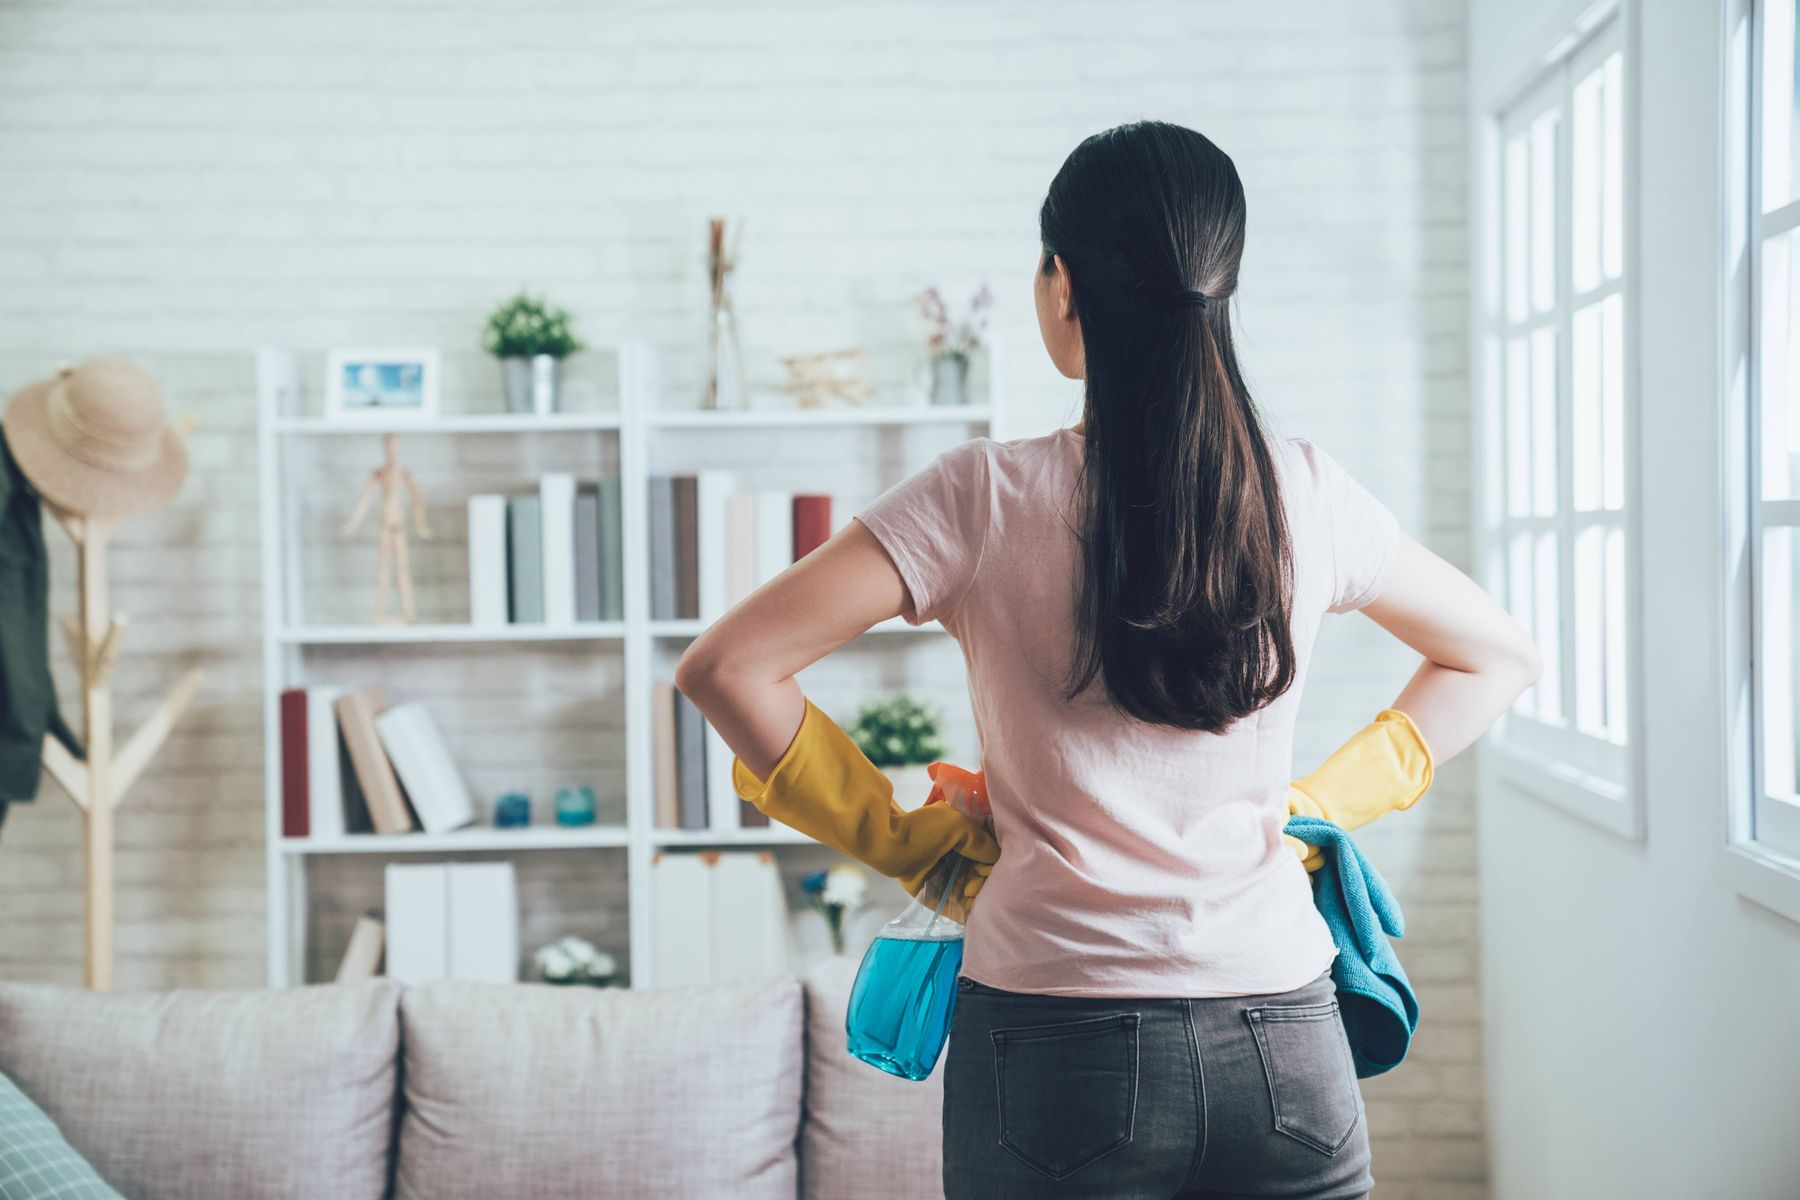 Mulher segurando borrifador olhando para a sala com sofá e estante com livros